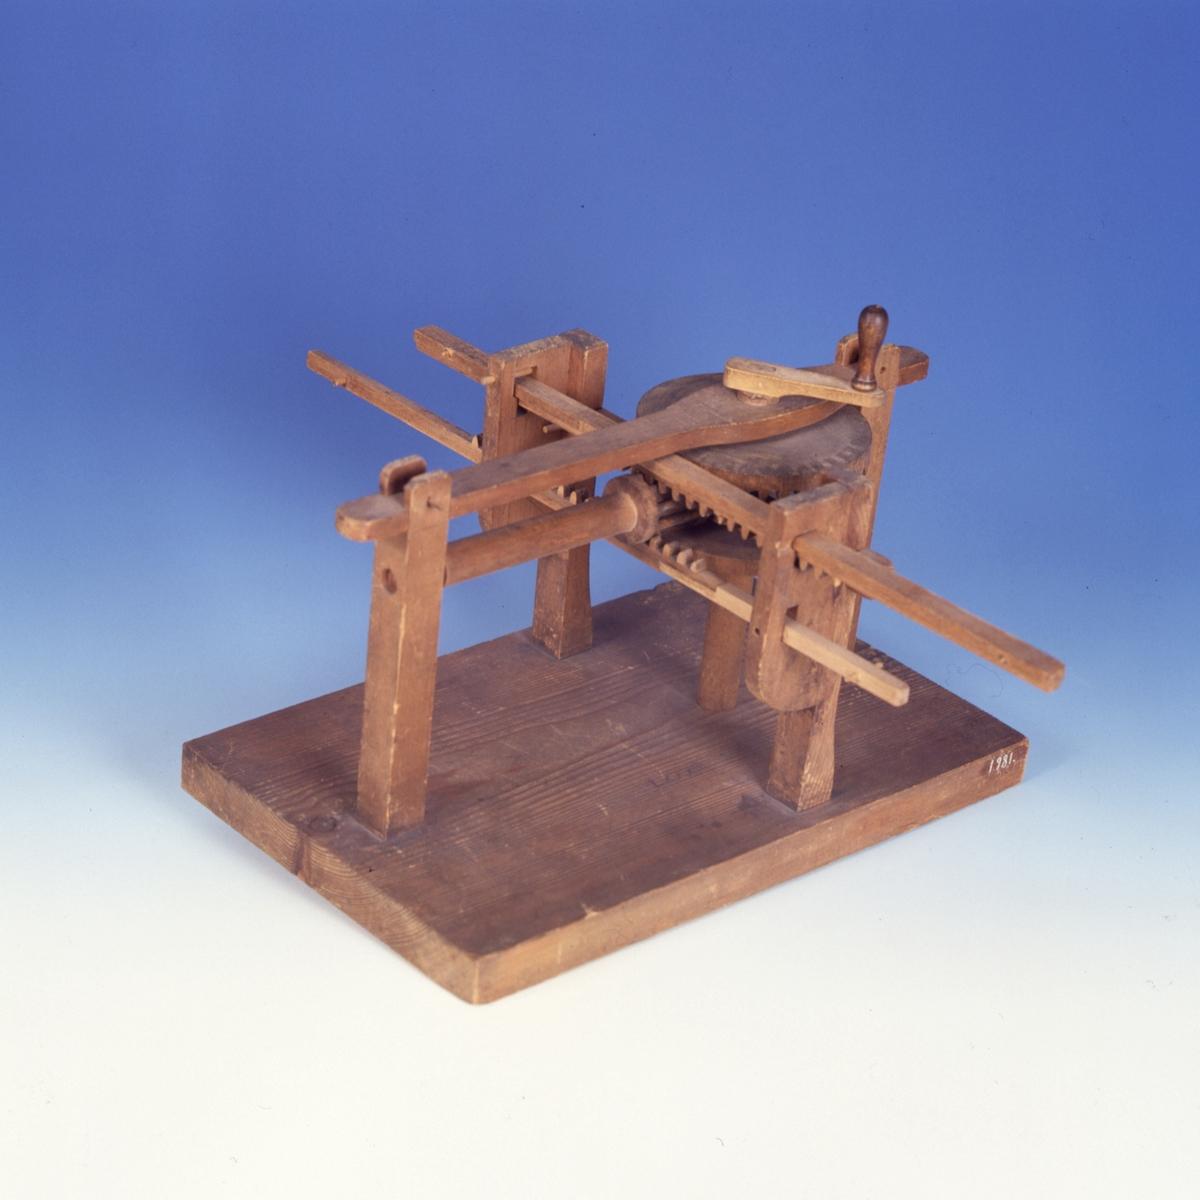 Modell ur Polhems mekaniska alfabet. Text på föremålet: LXXXIII. En roterande rörelse hos de båda halva kuggkransarna överförs med hjälp av ett pinnhjul till en fram- och återgående rörelse hos kuggstängerna.